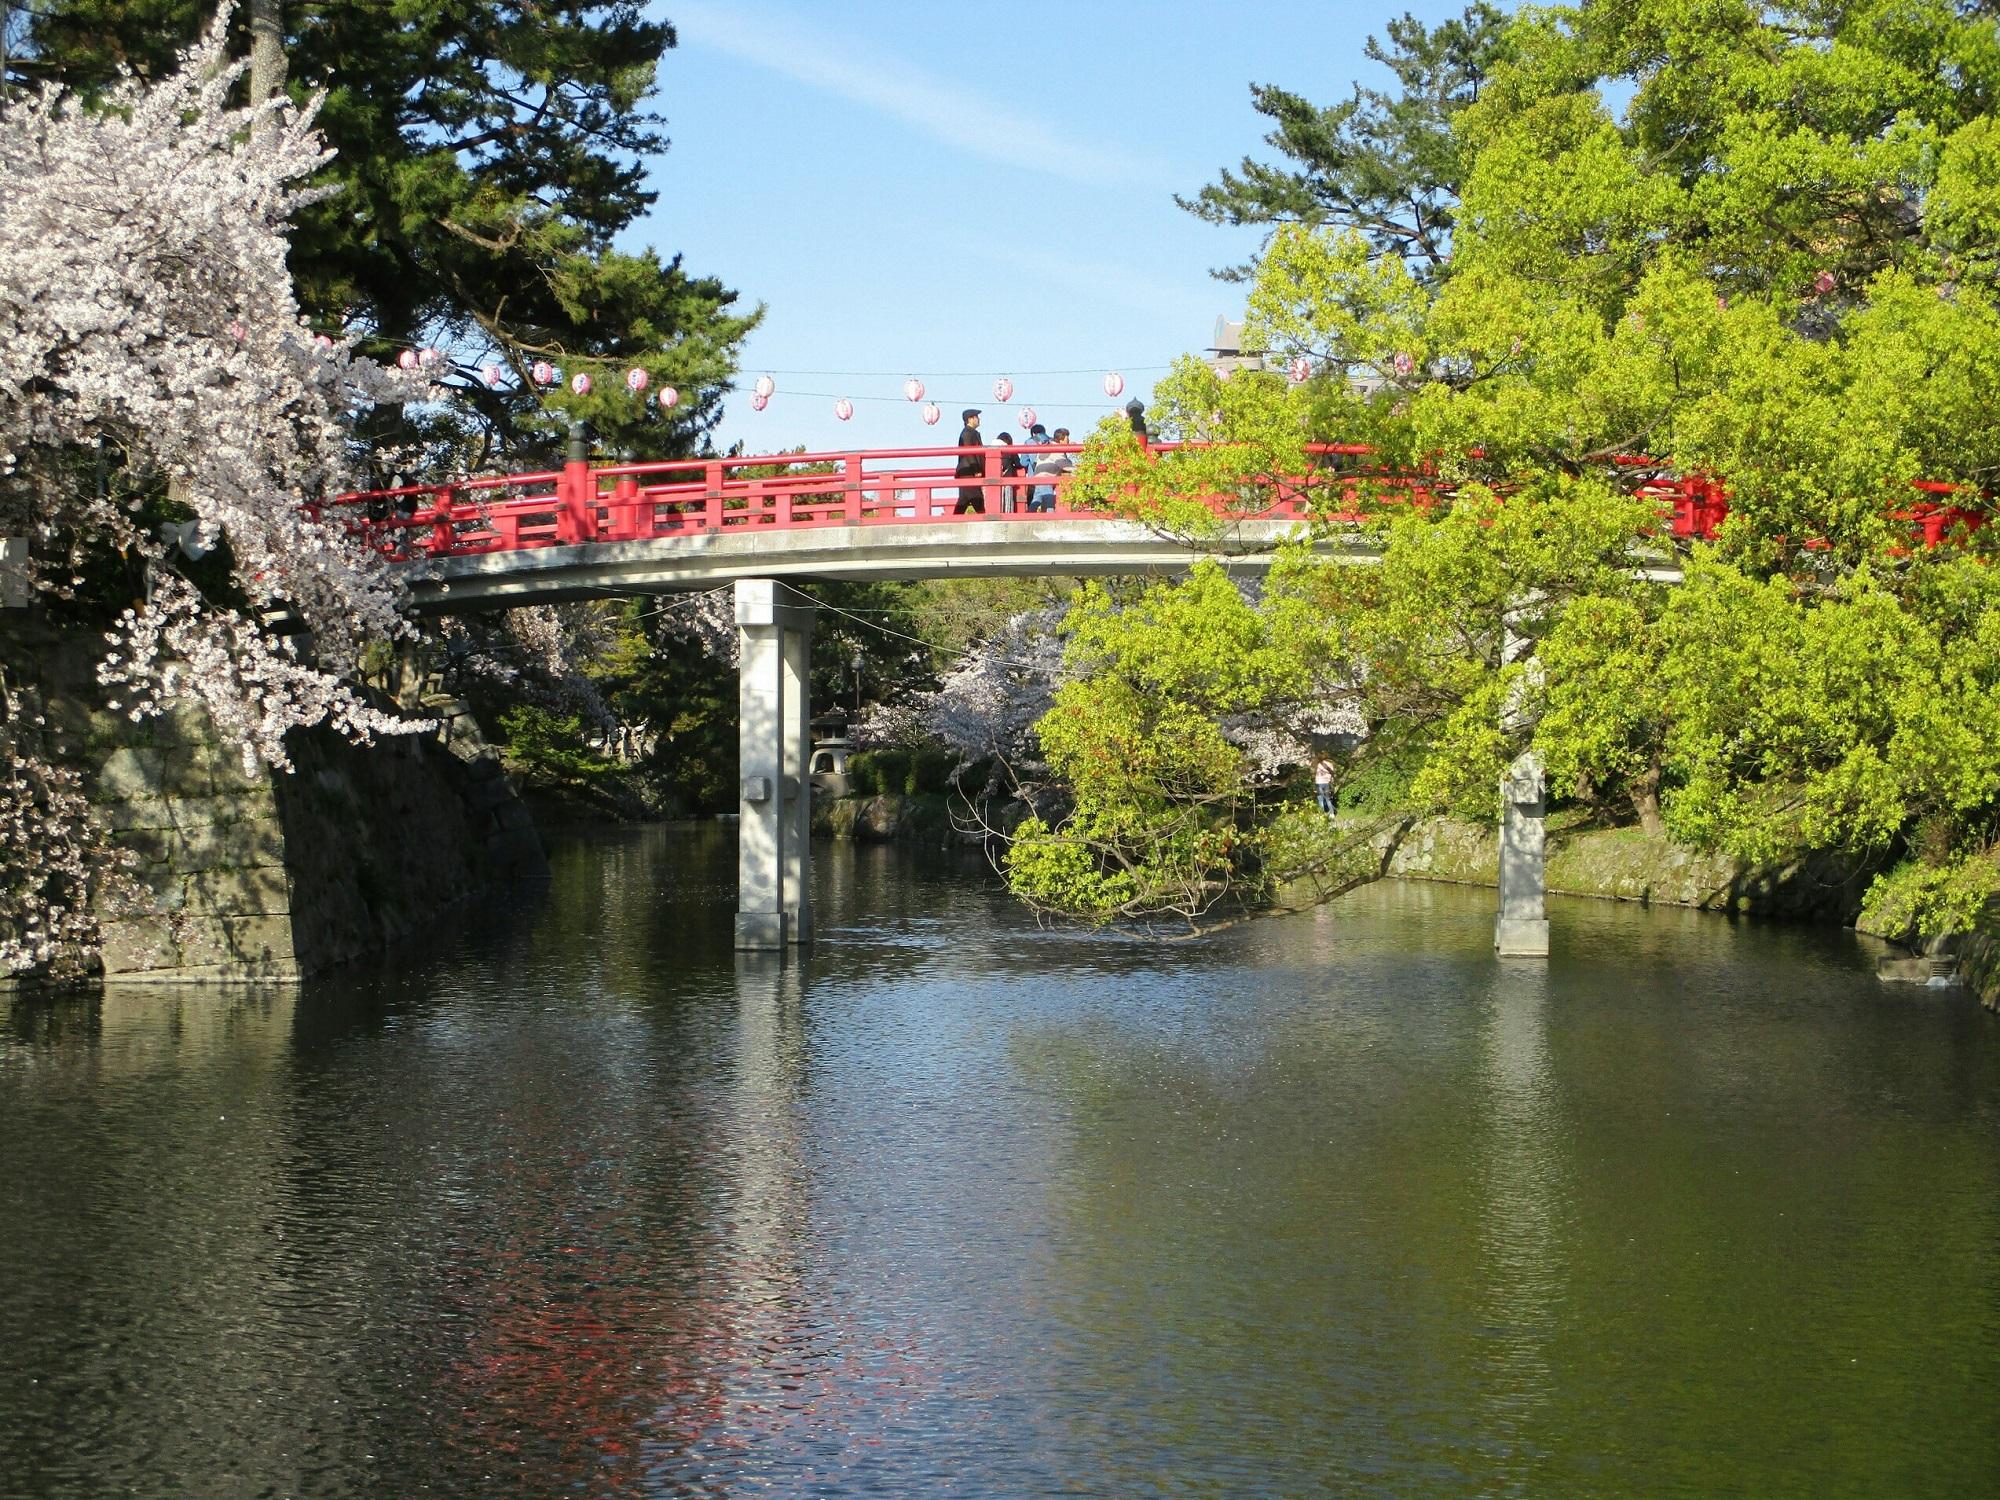 2019.4.9 (34) 岡崎公園 - 竜城堀(たつきぼり)と神橋(しんきょう) 2000-1500